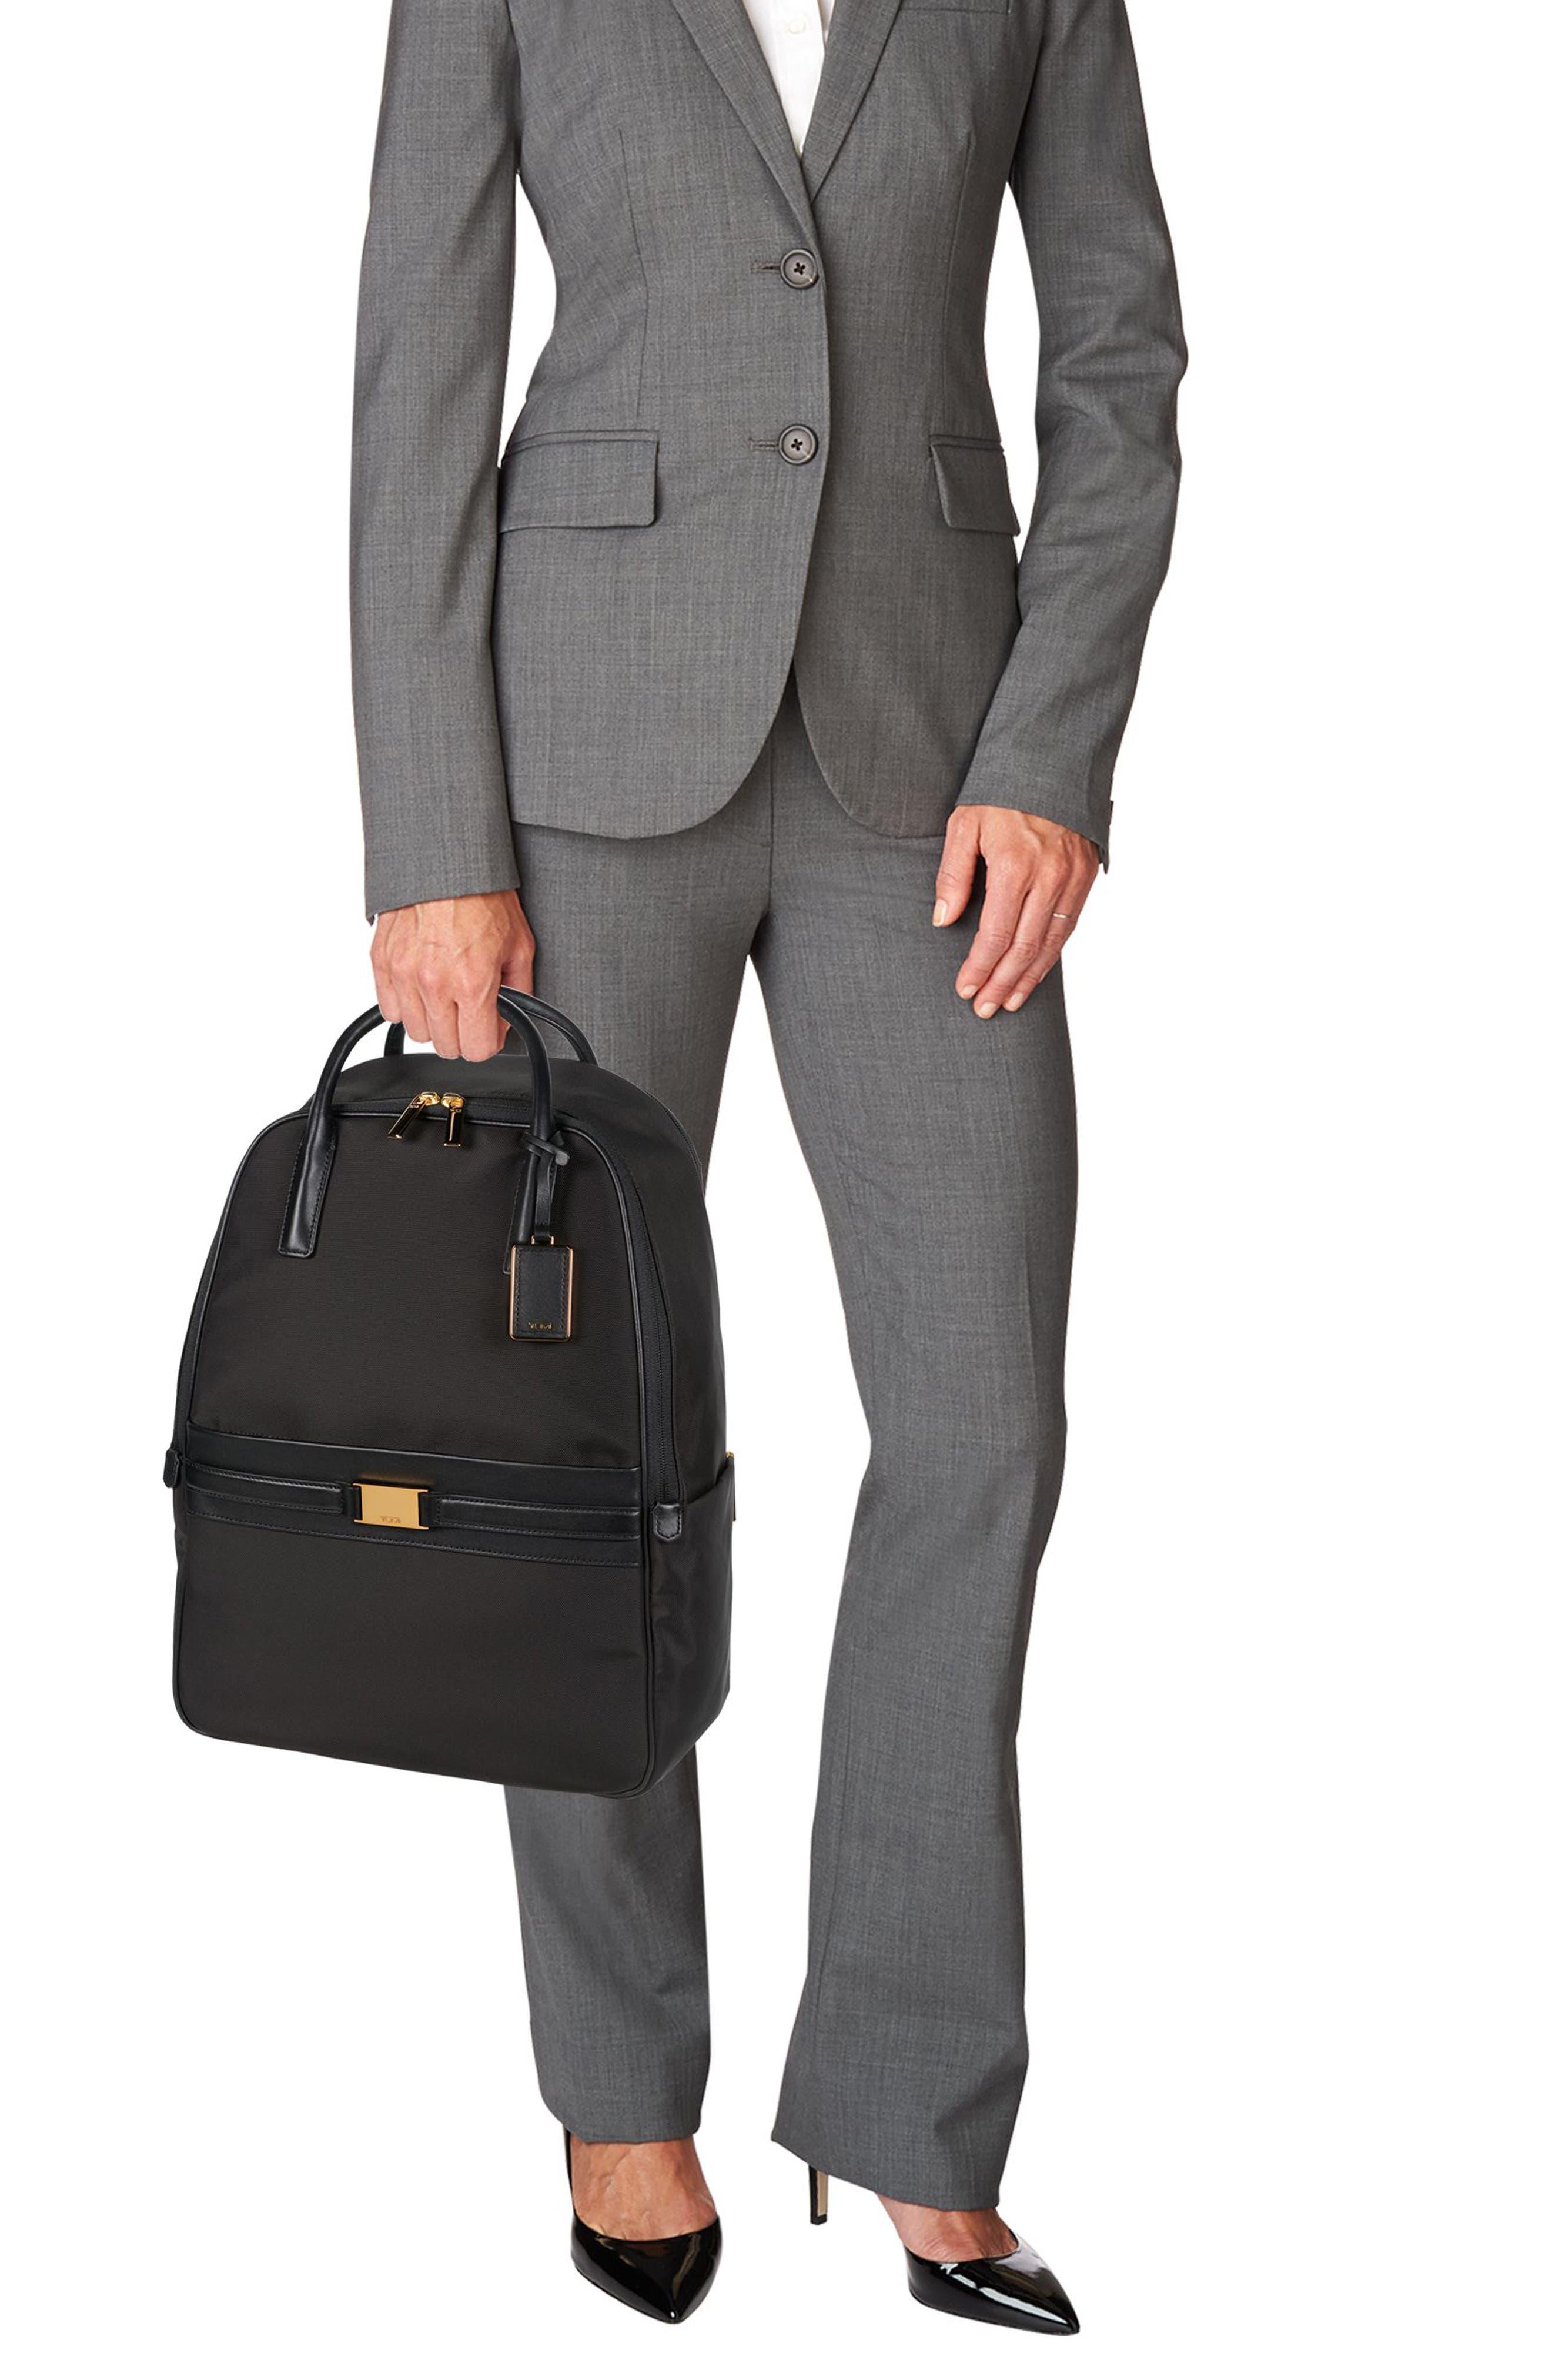 Larkin - Paterson Convertible Nylon Backpack,                             Alternate thumbnail 2, color,                             Black